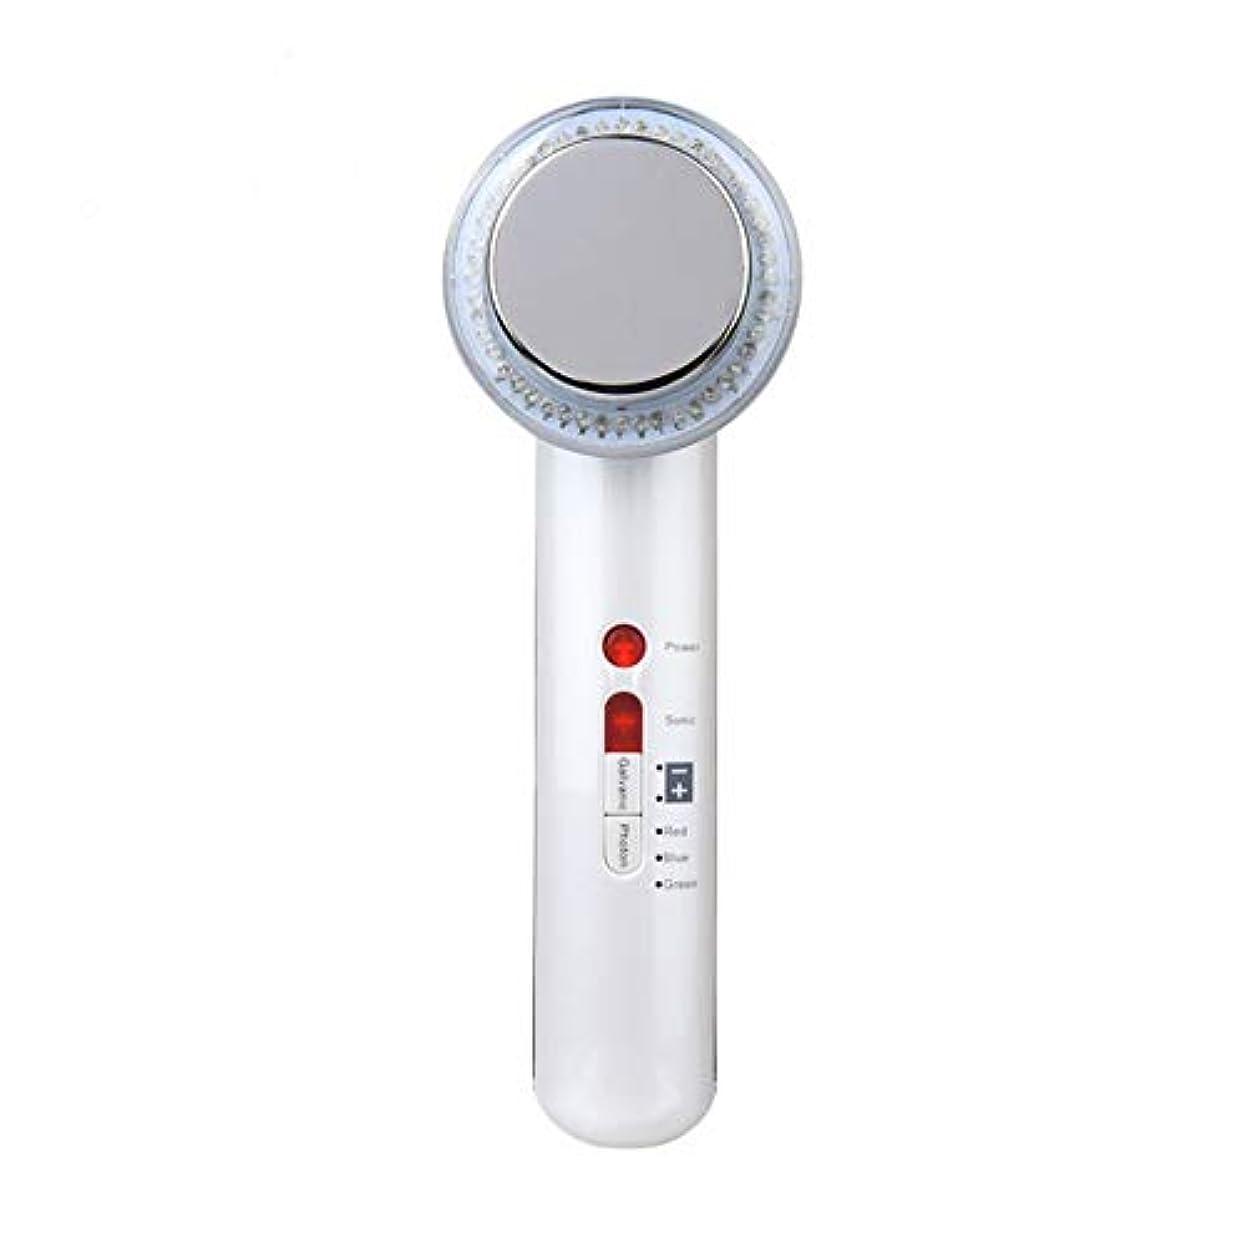 グラマー結婚式活力超音波美容器、高周波マスク機、7合1超音波赤外線LEDランプ及び6種類の顔ケア洗顔器、しわ除去、シワ防止、シワ防止